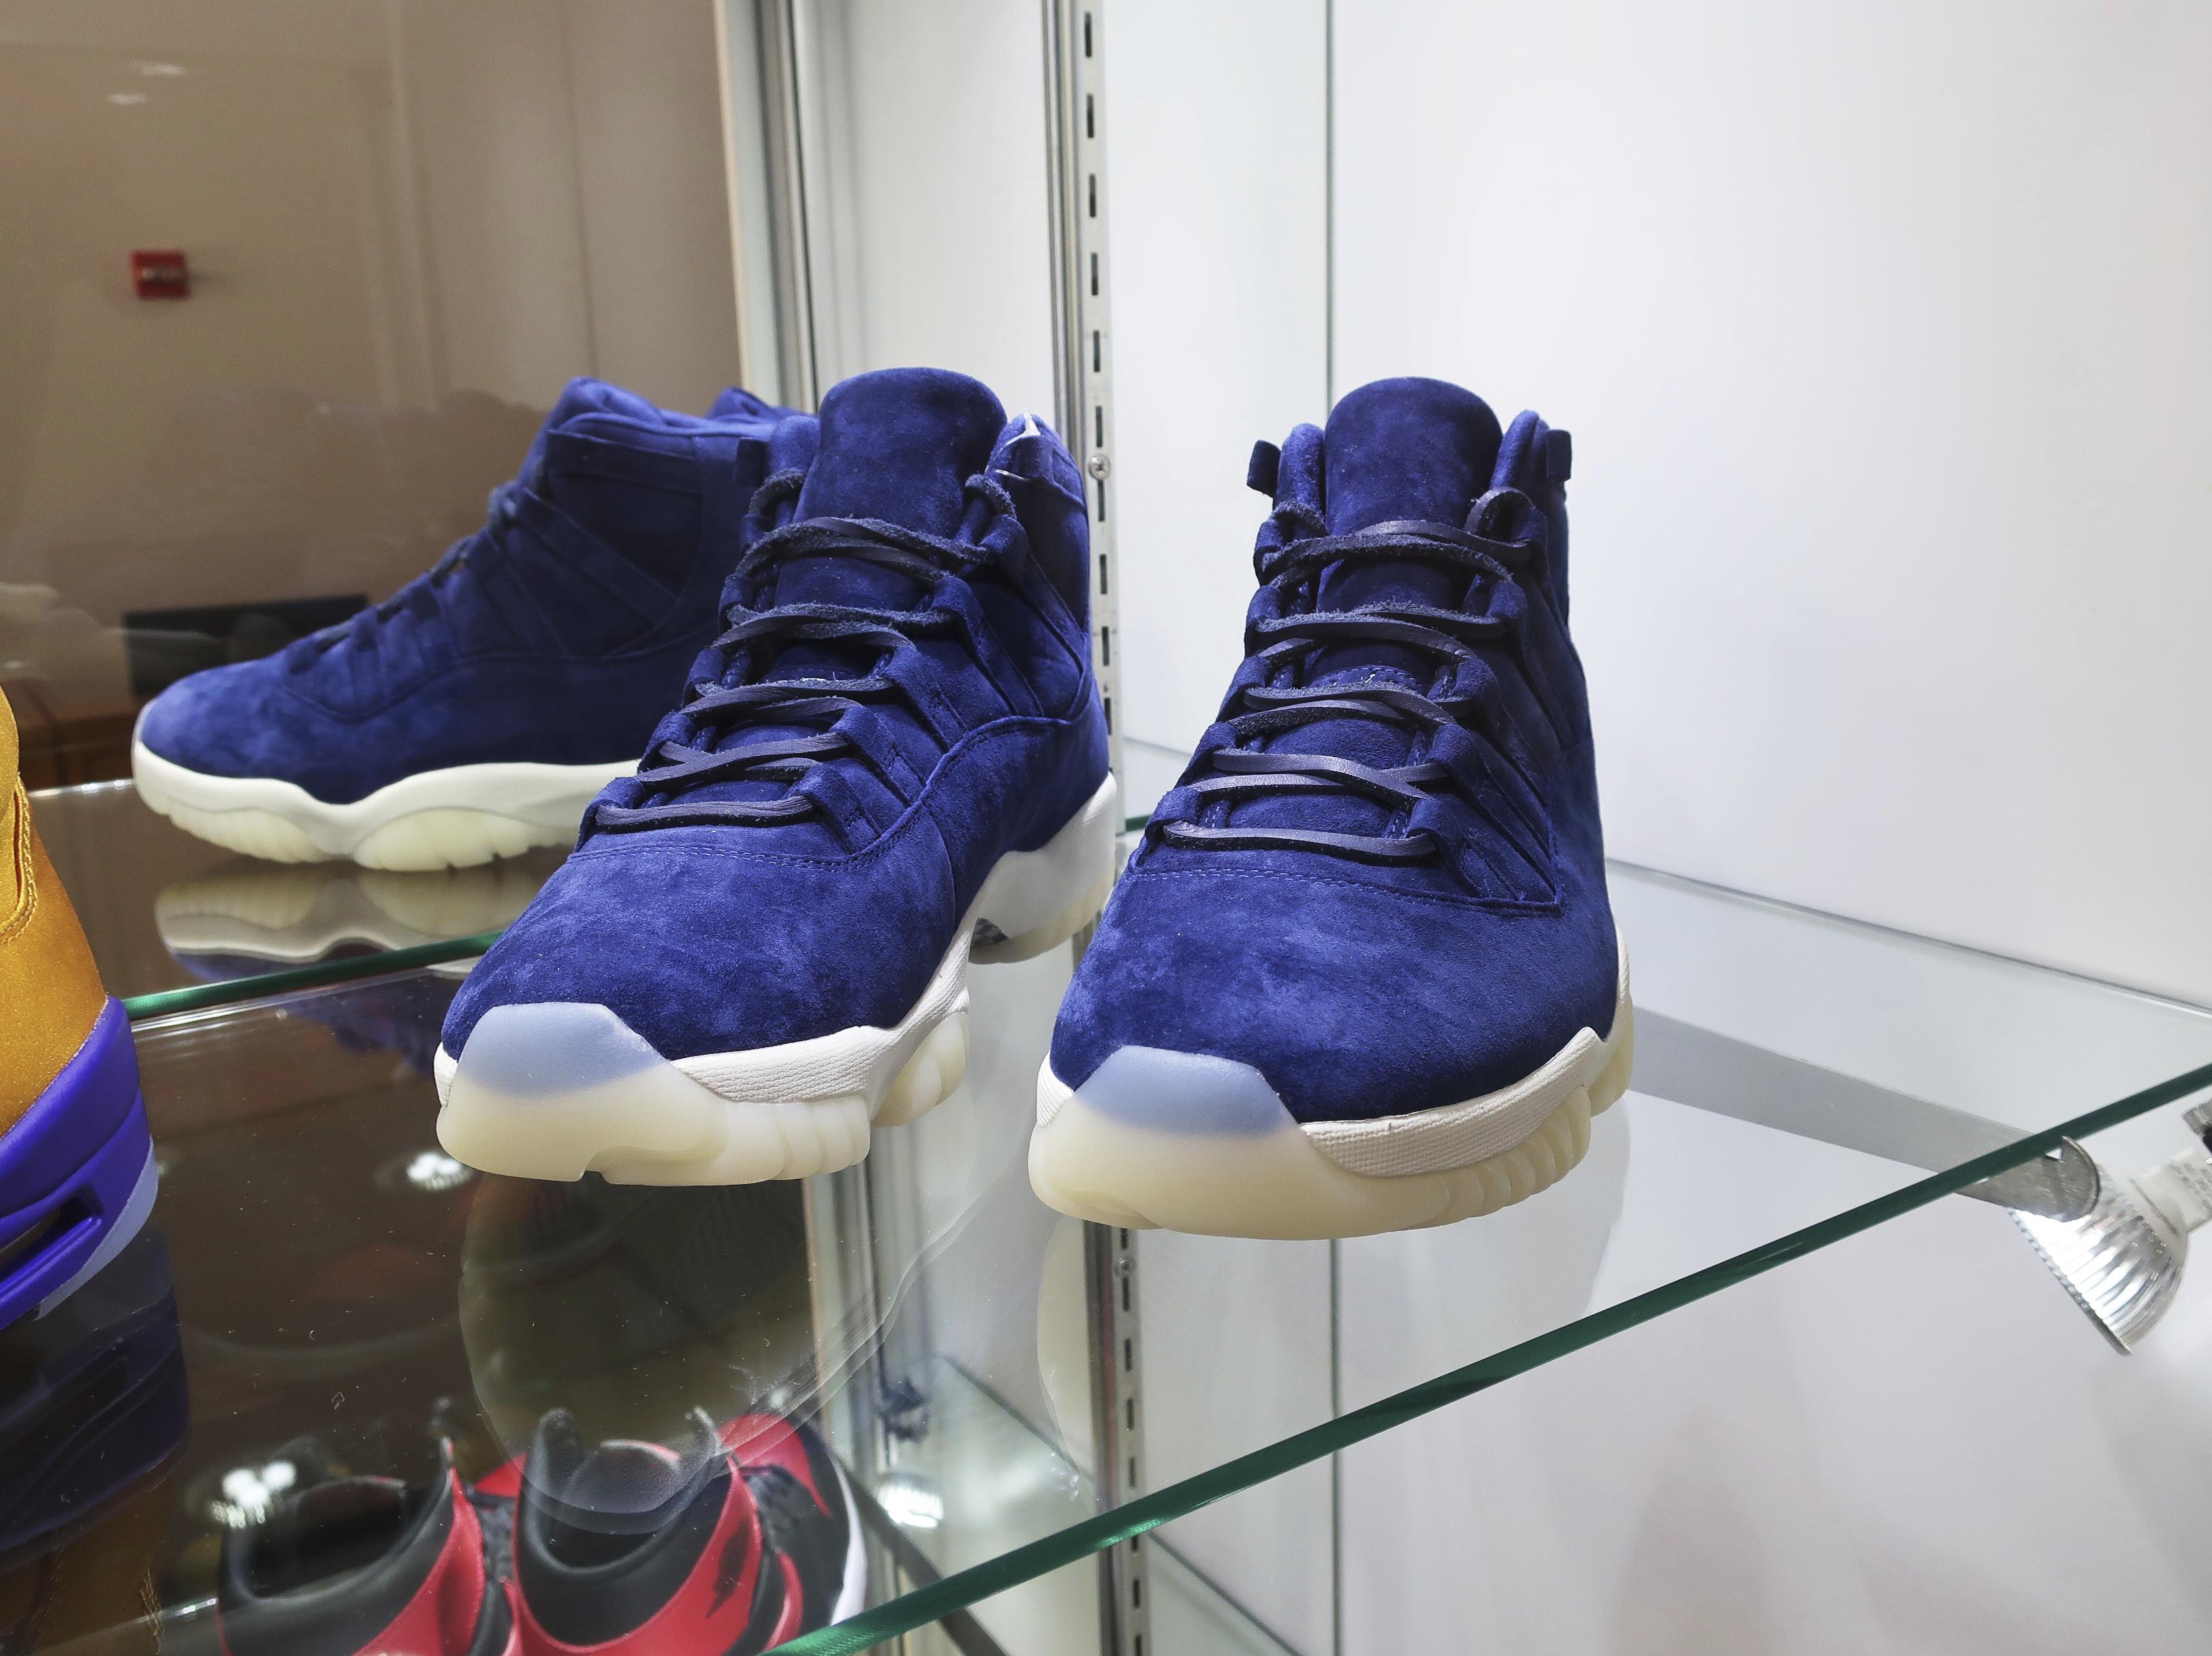 La subasta también incluye un par de zapatos Nike Air Jordan II de gamuza azul hechos en 2014 para conmemorar el retiro del ícono de los Yankees de Nueva York, Derek Jeter. (AP)